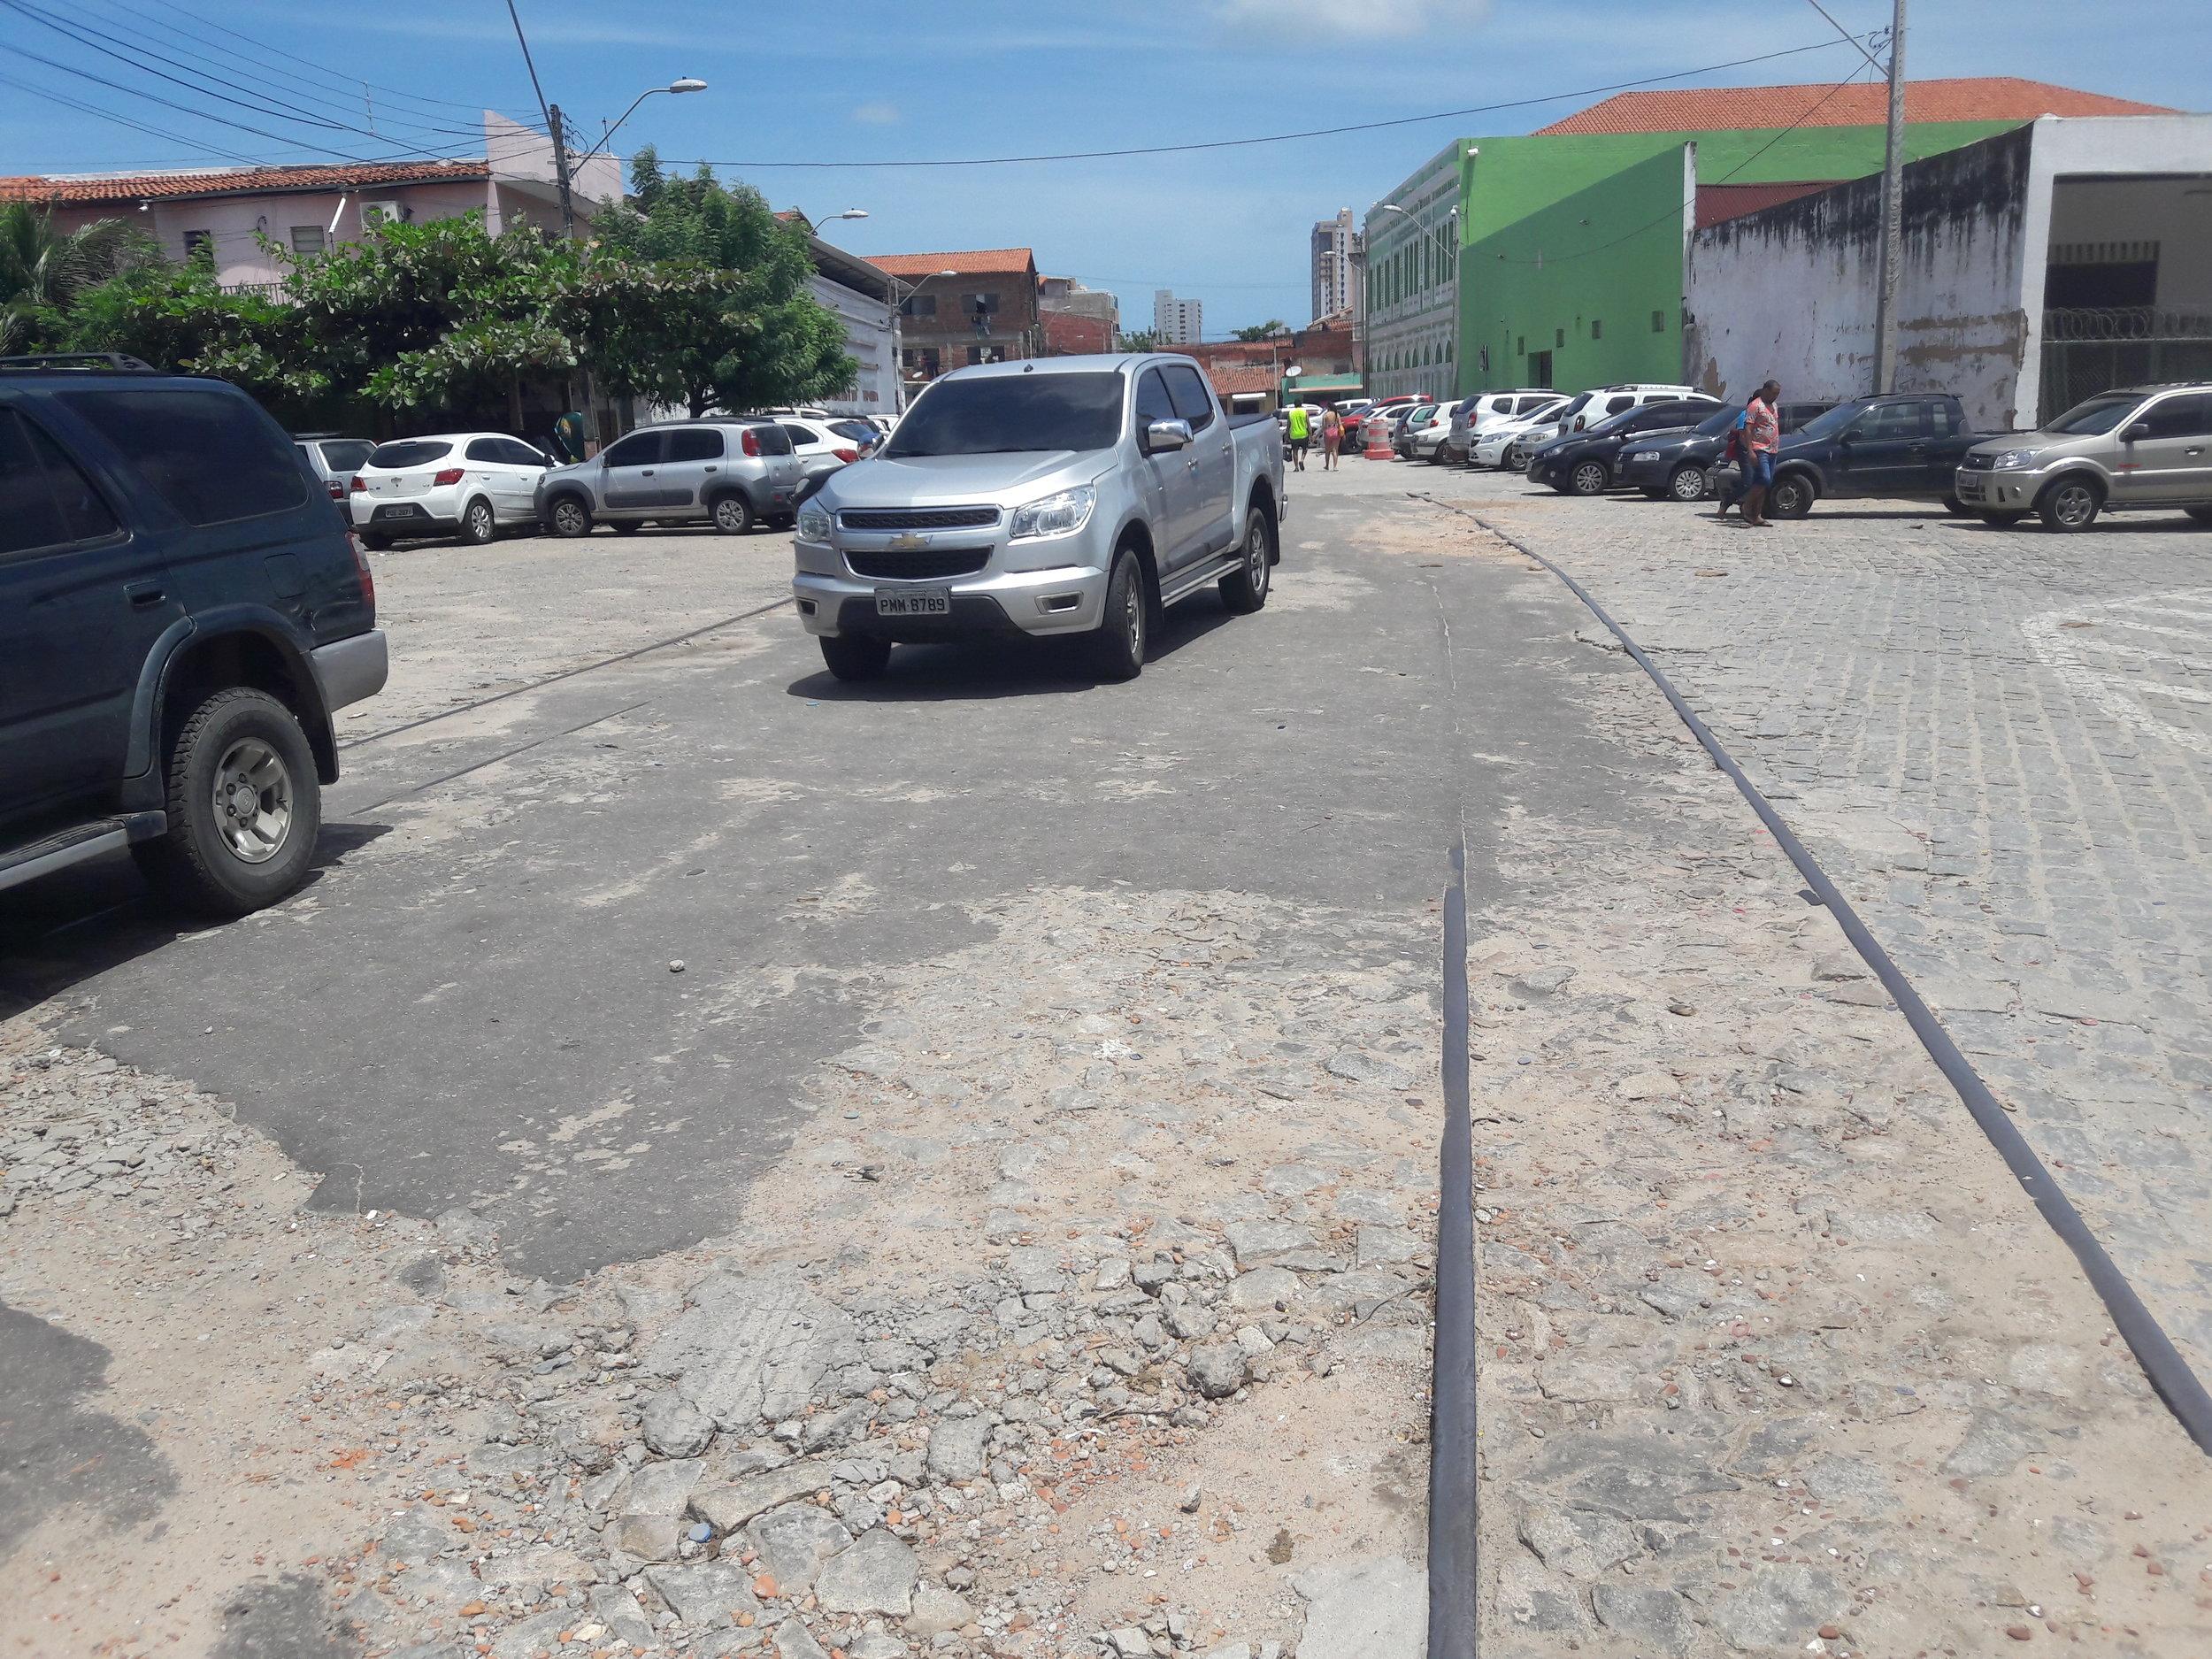 V centru Fortalezy byly kdysi koleje železniční i tramvajové. Letos přišla Fortaleza s tím, že by do města zavedla historickou tramvajovou linku.